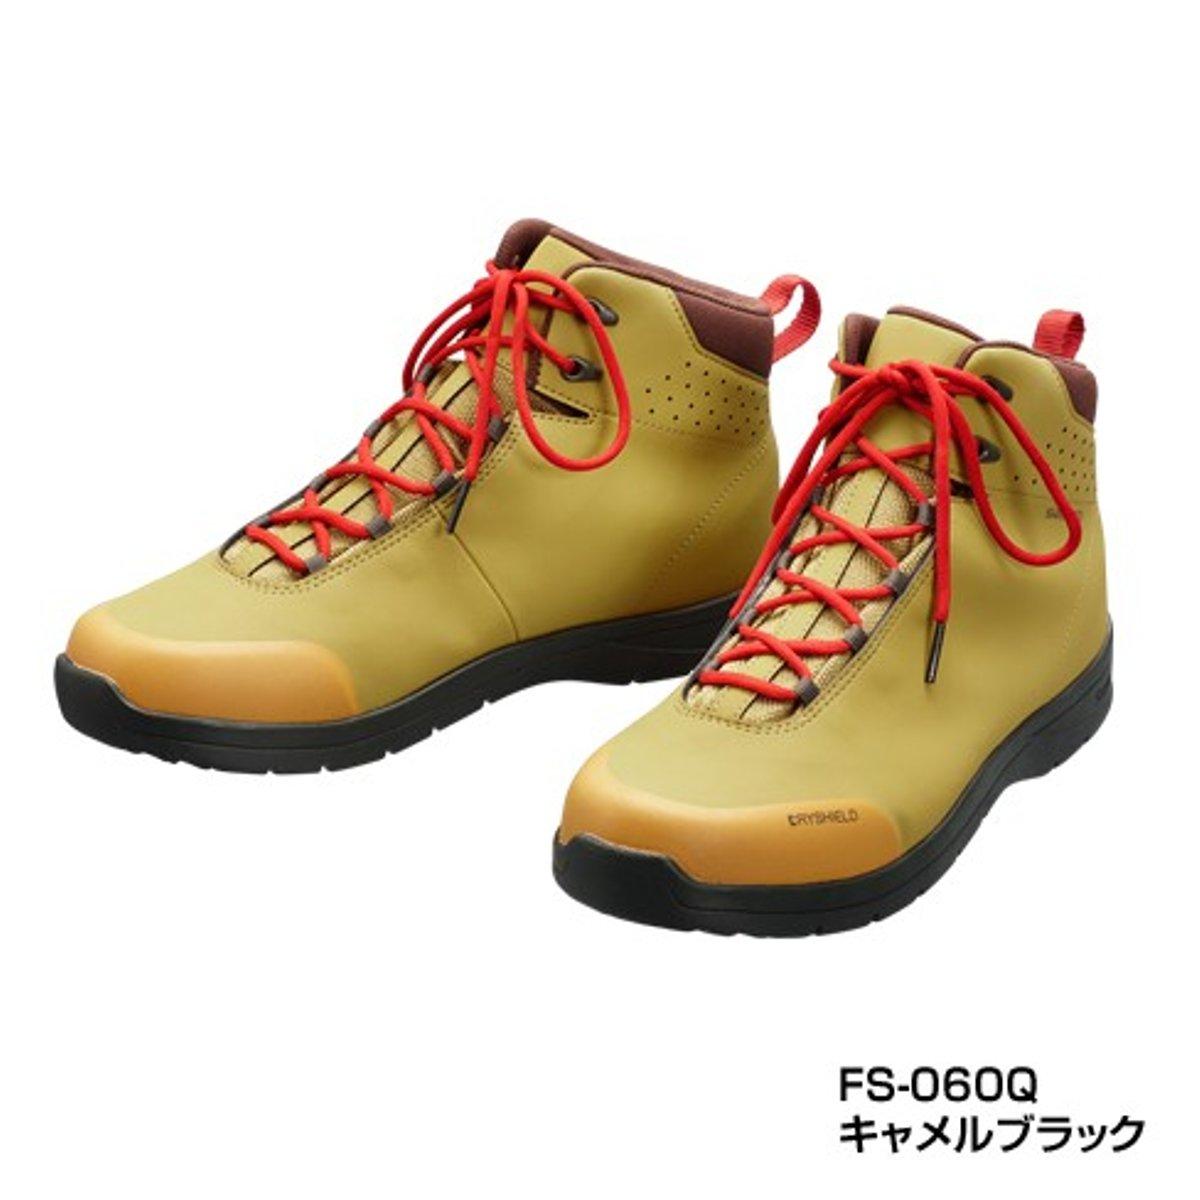 シマノ ドライシールド・ラジアルスパイクシューズ(ハイカットタイプ) FS-060Q 26.5cm キャメルブラック